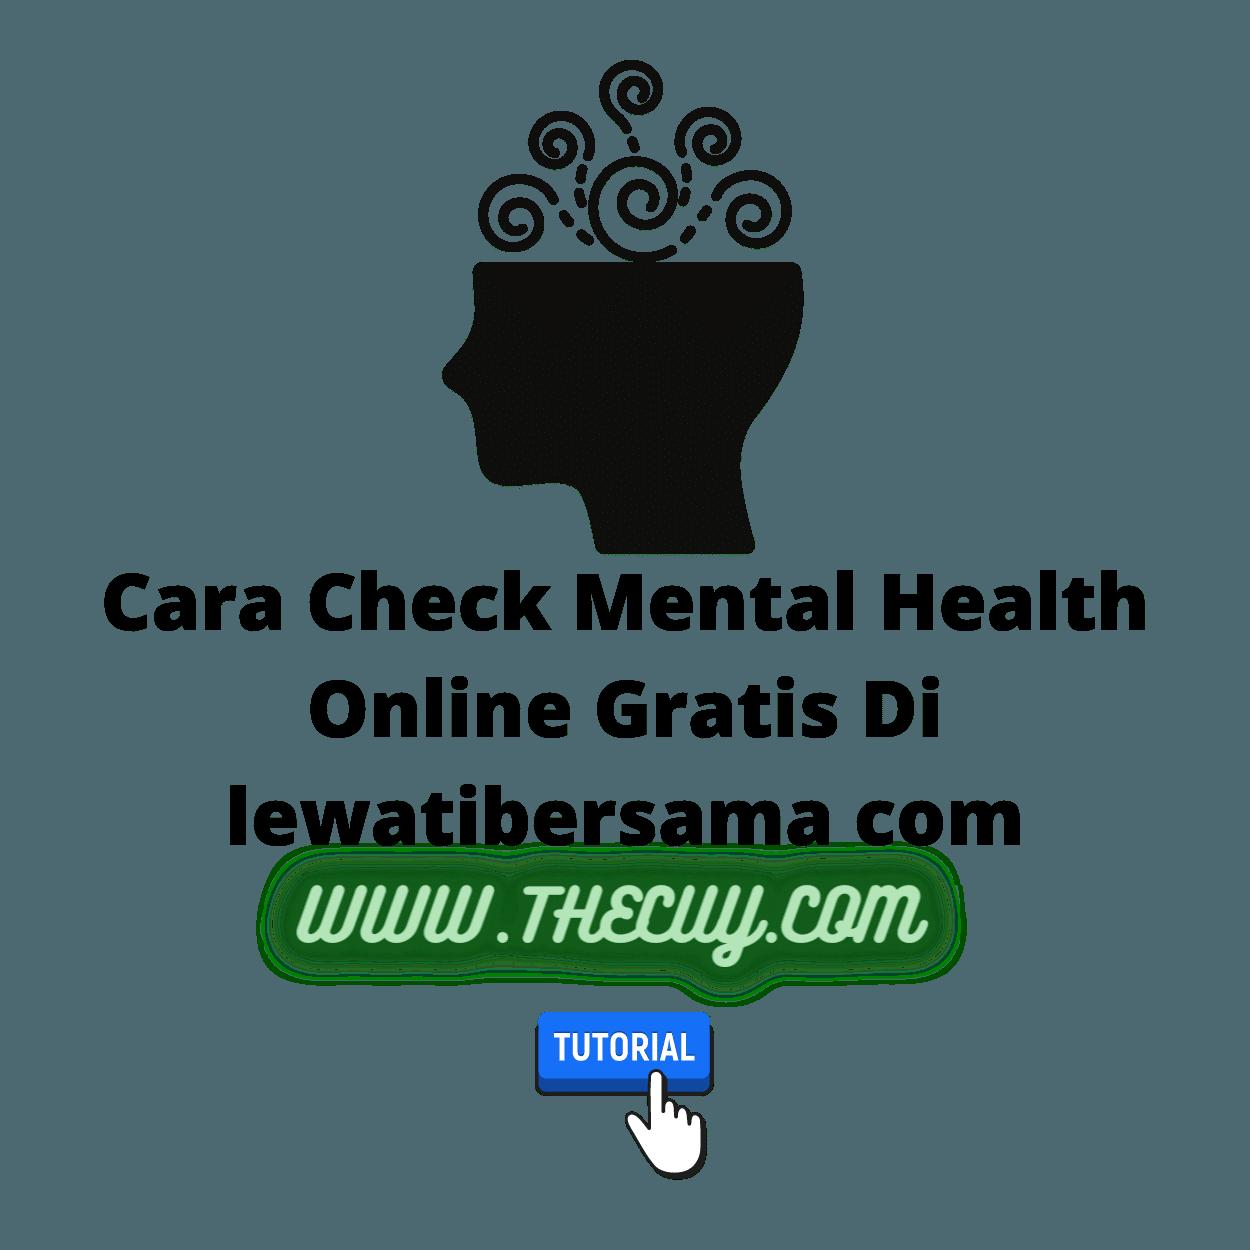 Cara Check Mental Health Online Gratis Di lewatibersama com